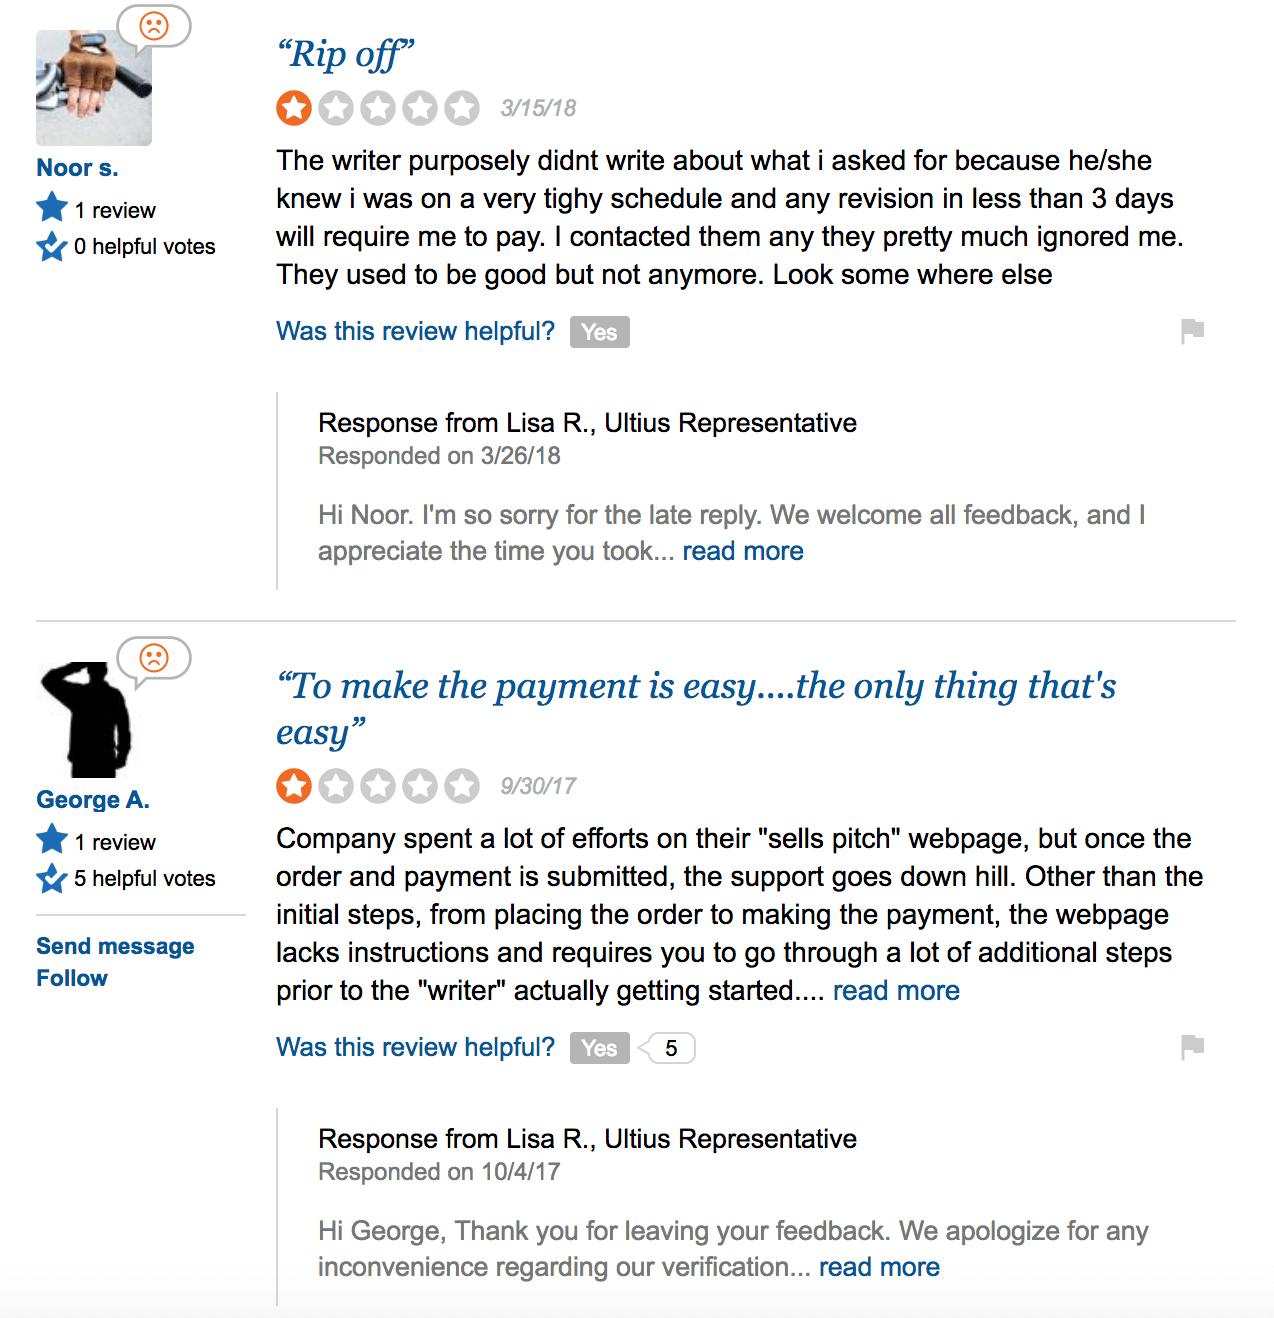 sitejabber ultius.com review 3